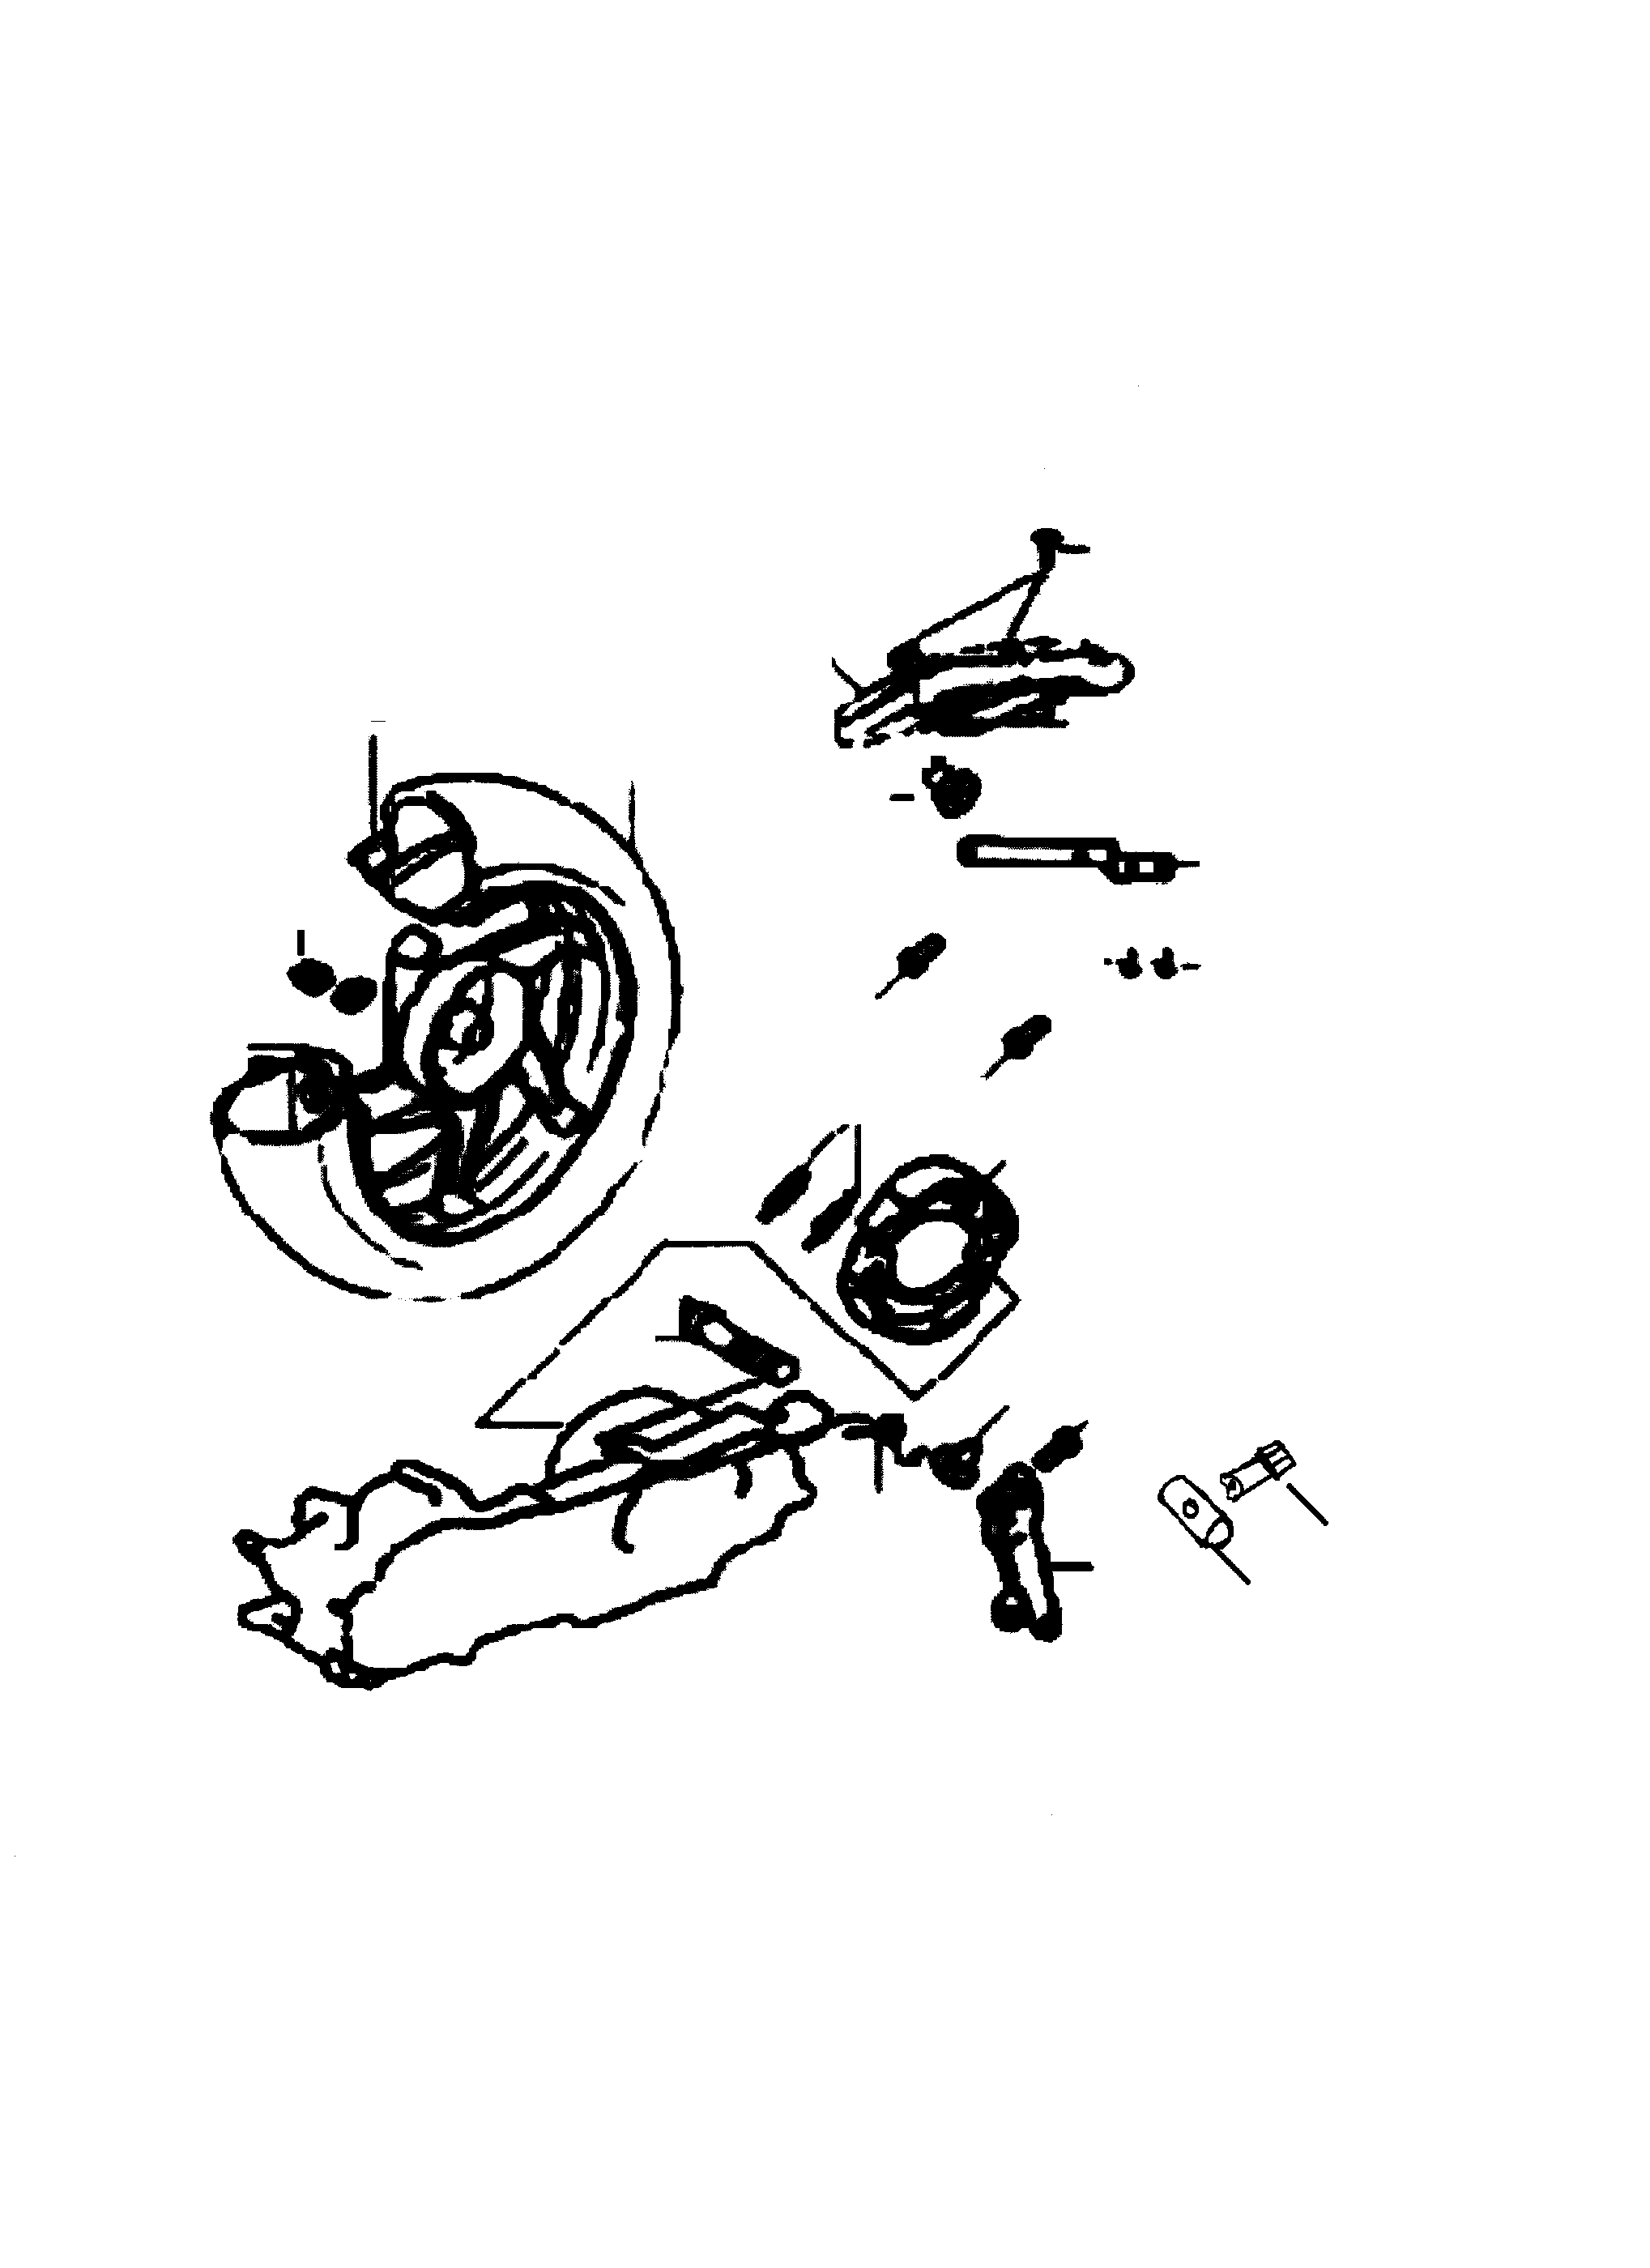 Hinterrad / Kotflügel / Bremse hinten